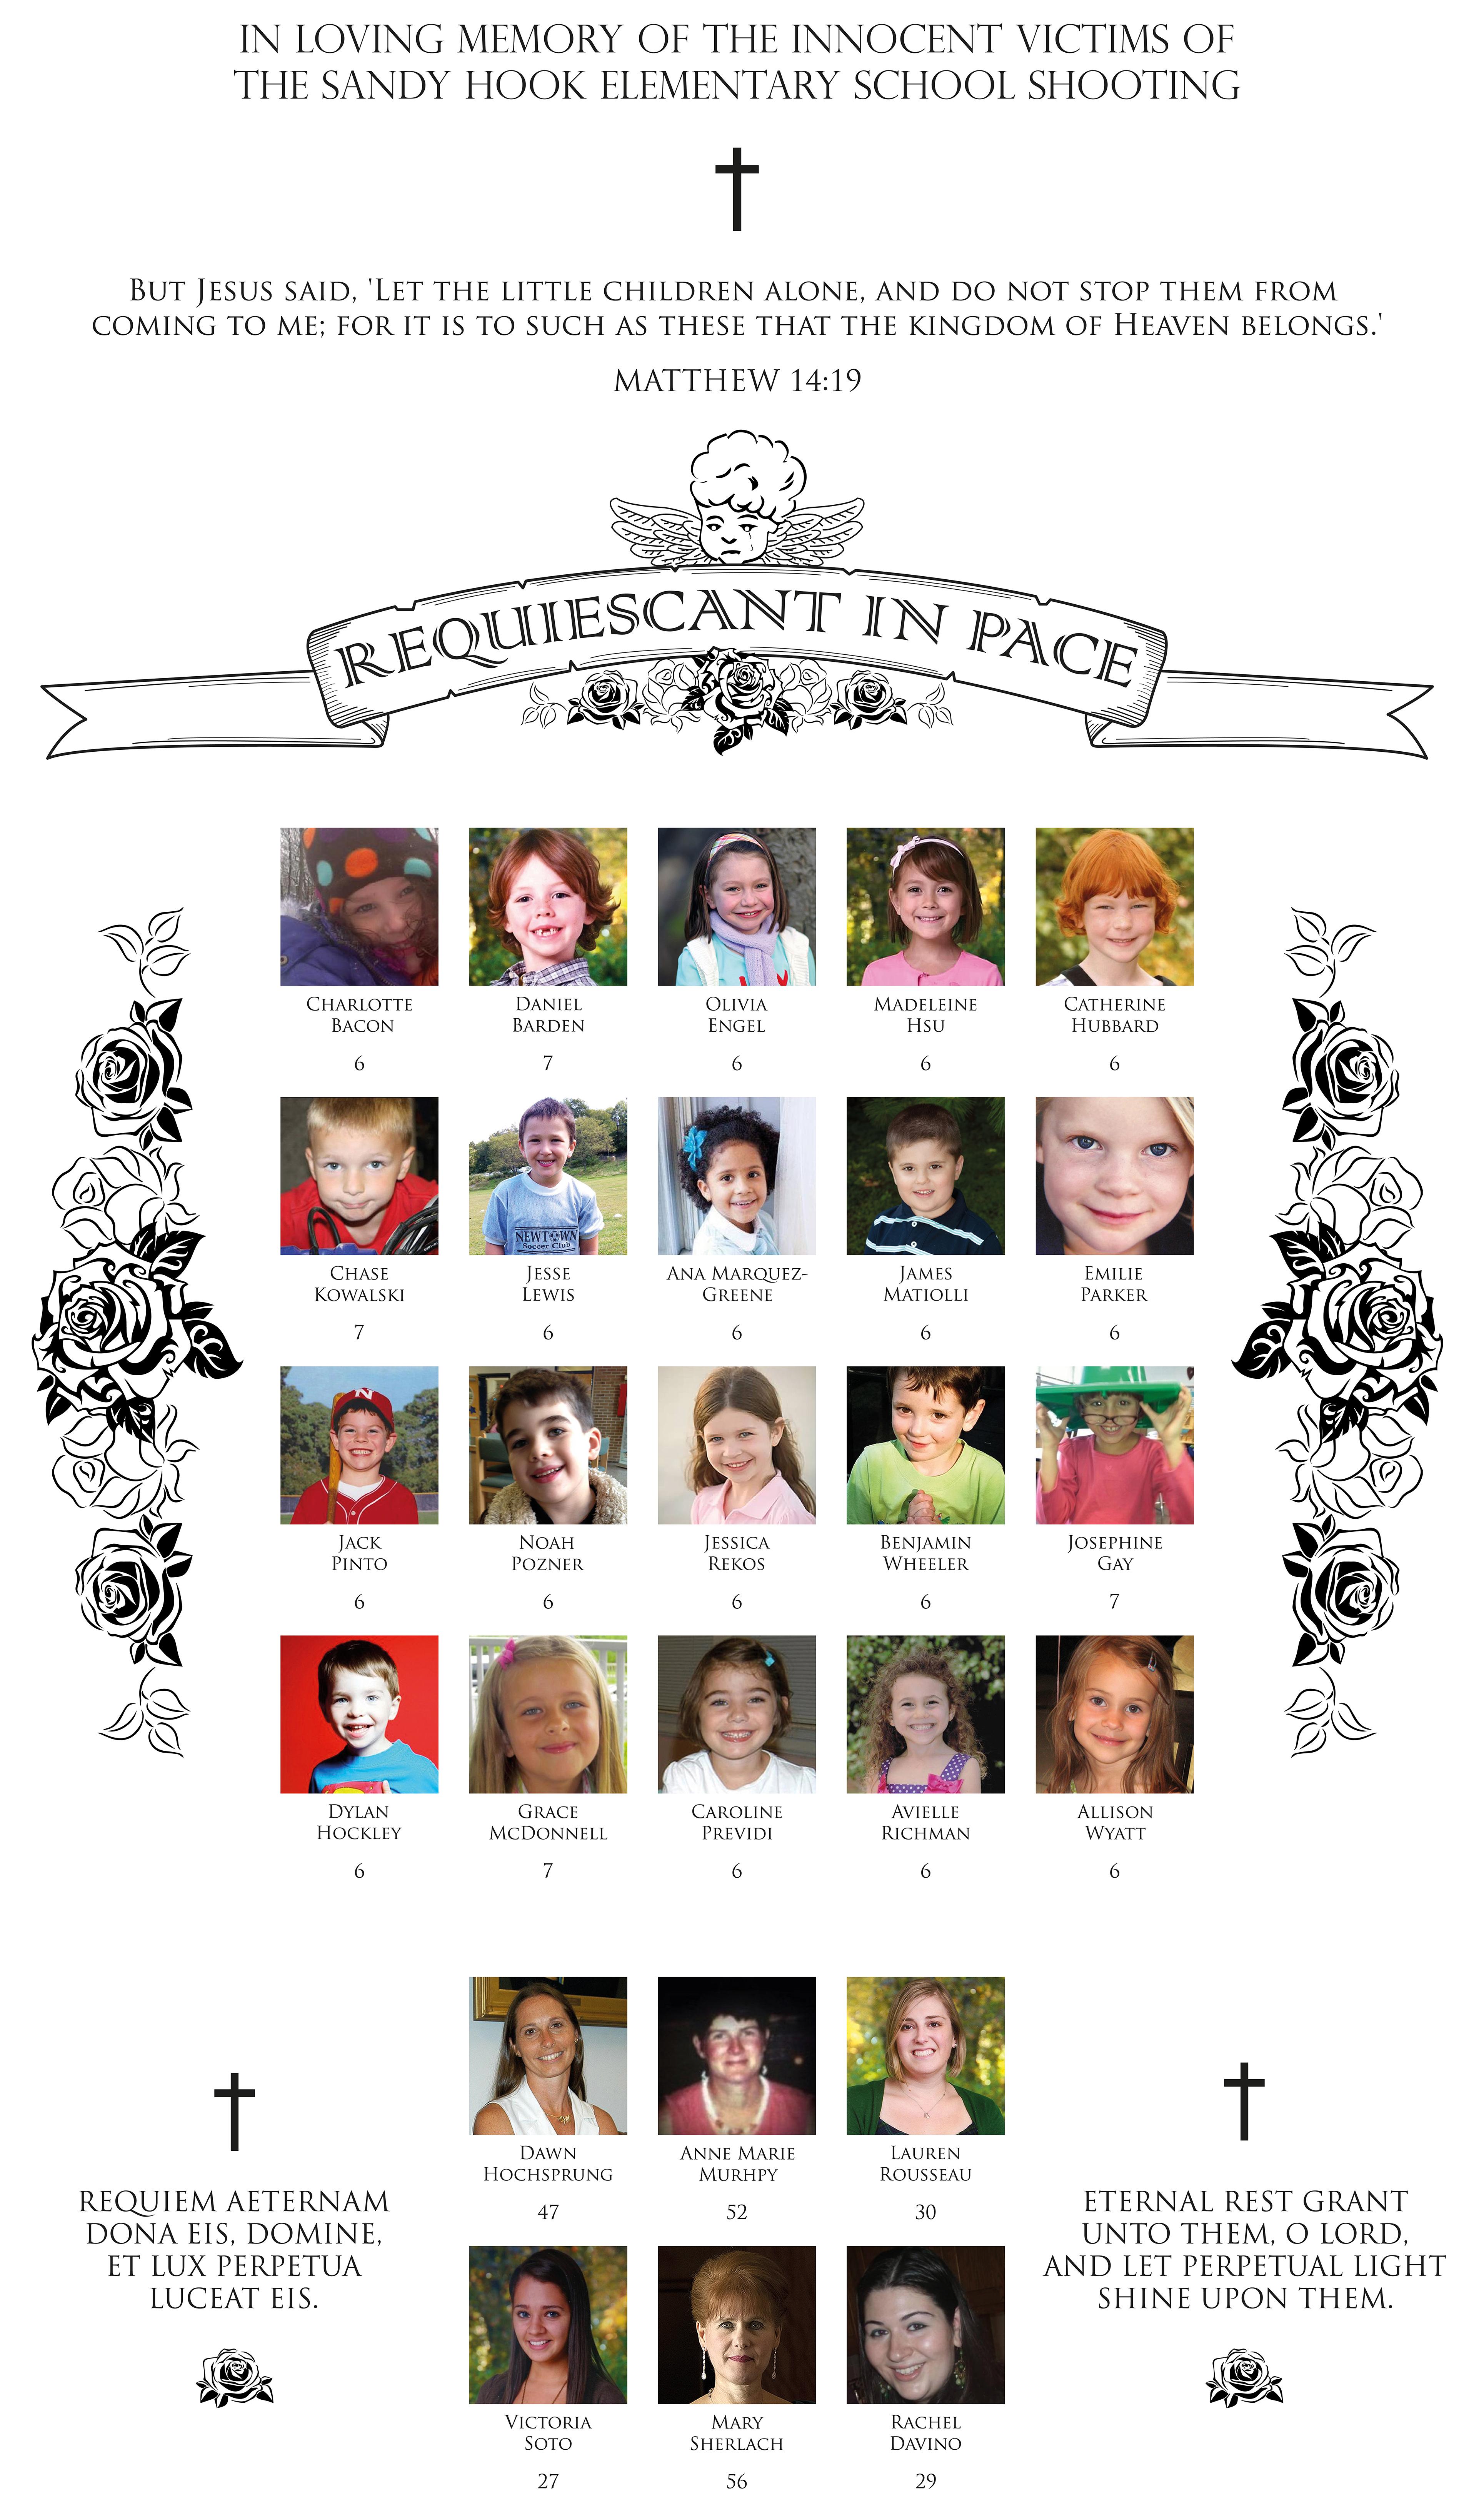 In Loving Memory - Sandy Hook Elementary School by Al-LZQ